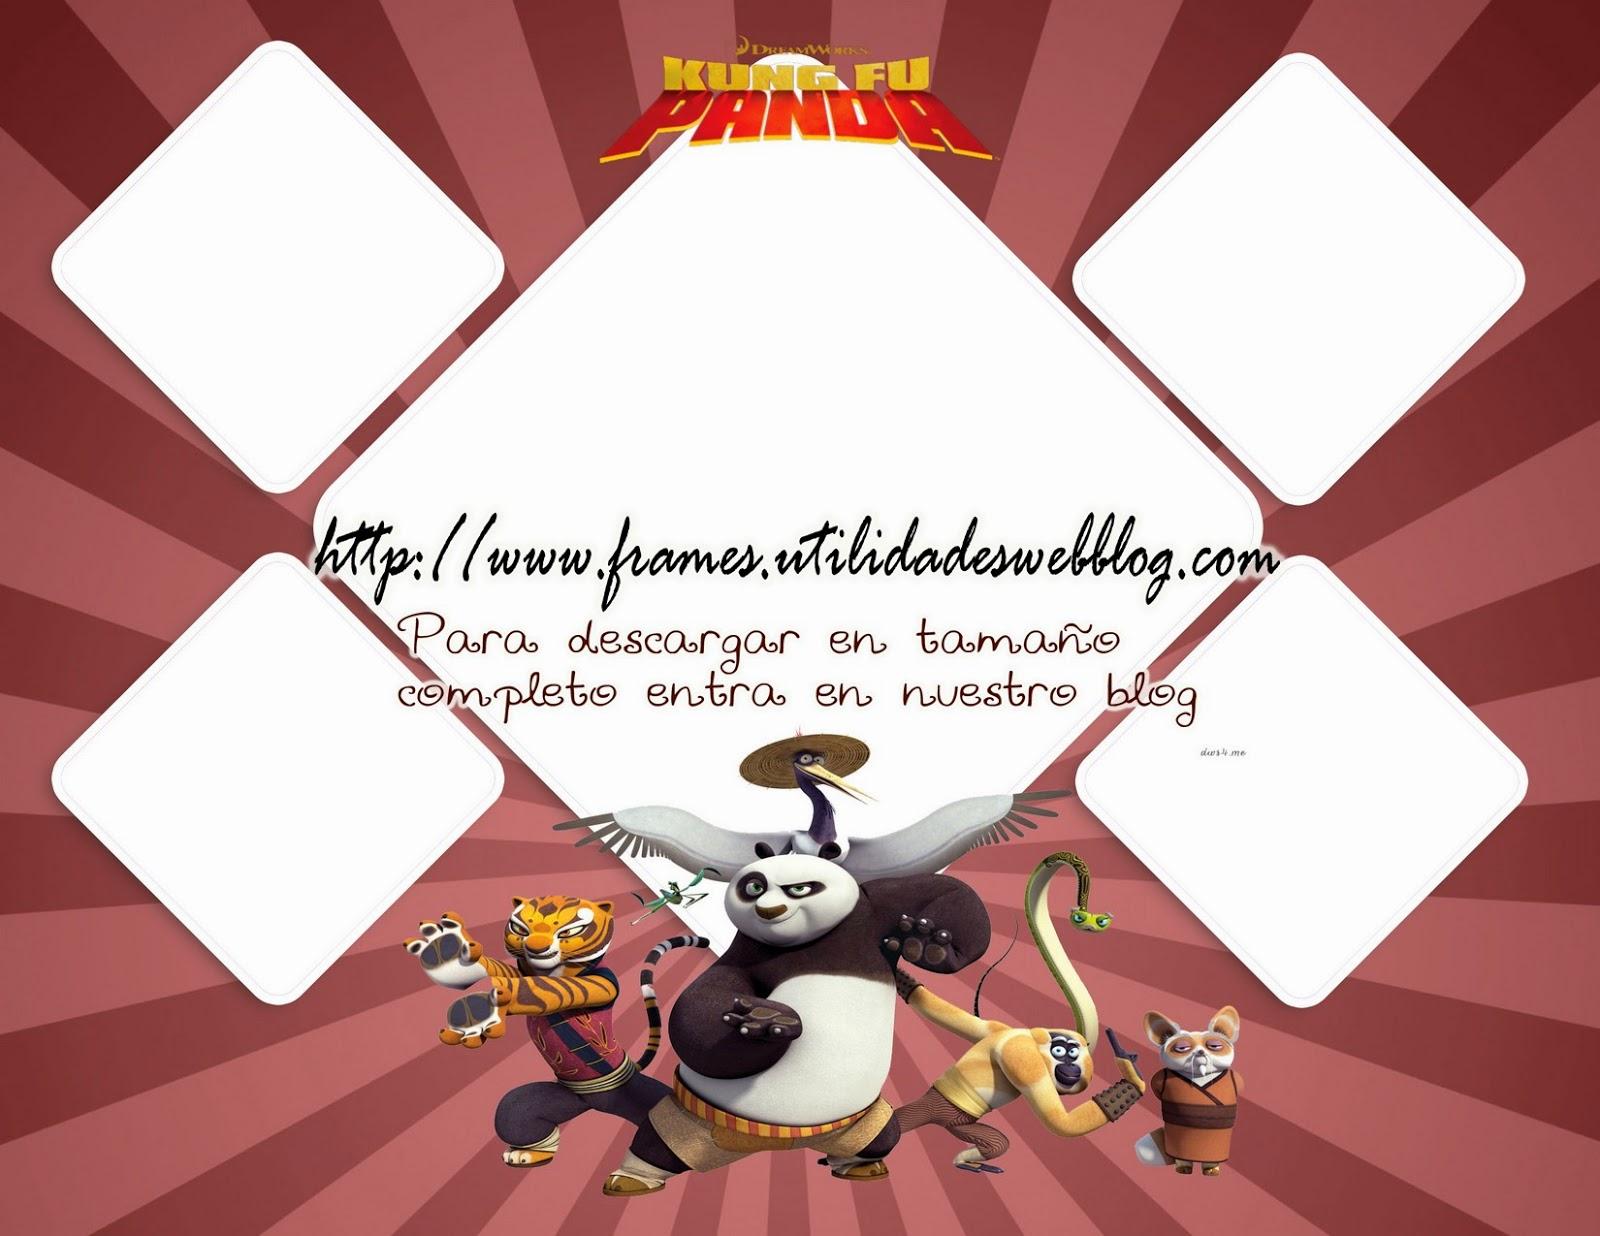 Marco para colocar varias fotos con Kung Fu Panda